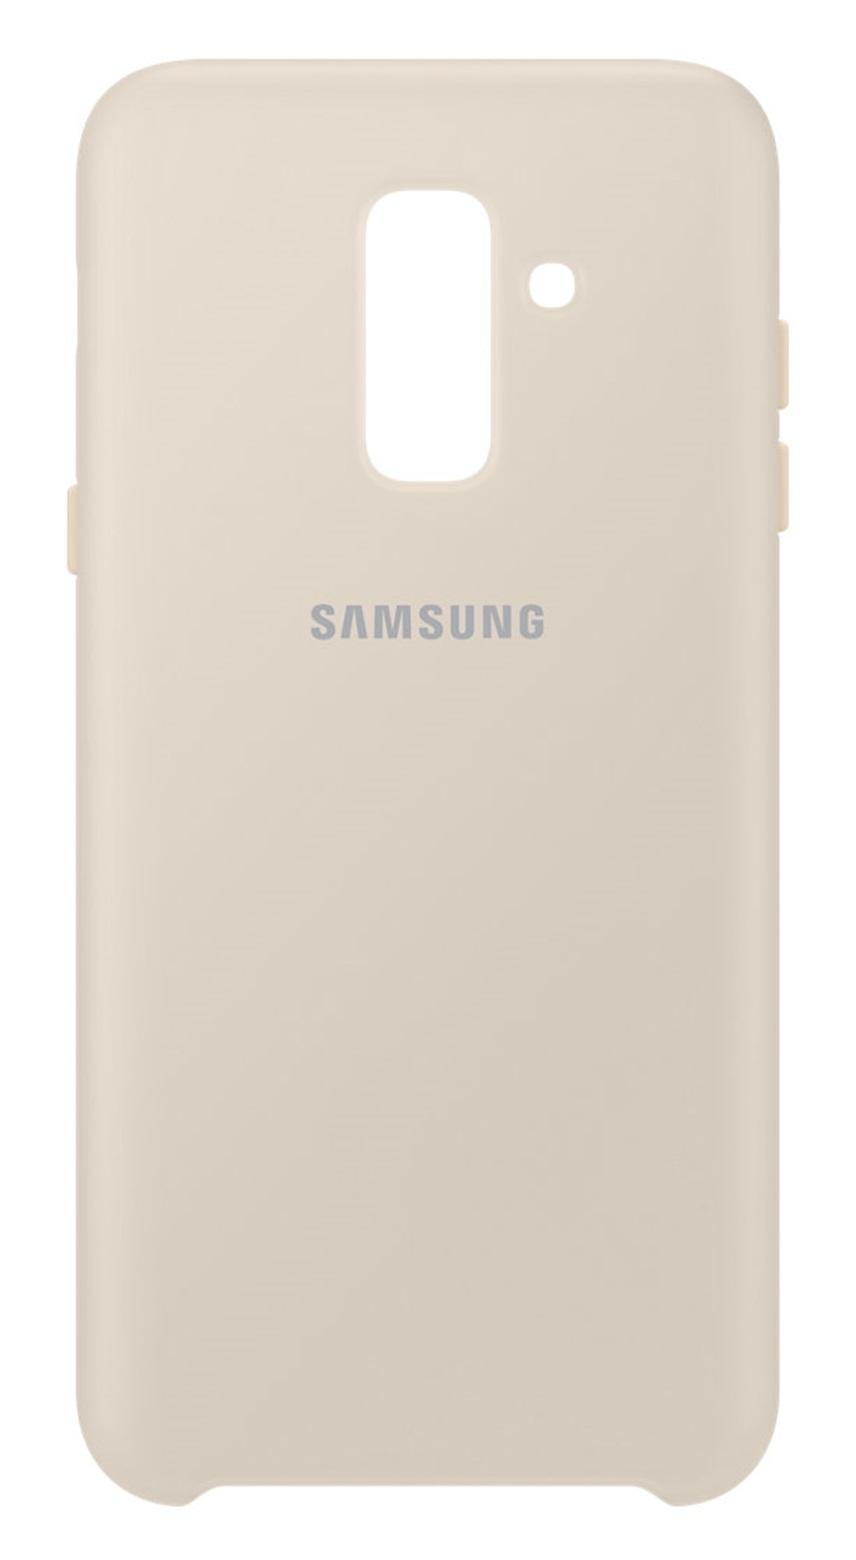 Husa Samsung EF-PA605CFEGWW Dual Layer (plastic + silicon) aurie pentru Samsung Galaxy A6 Plus 2018